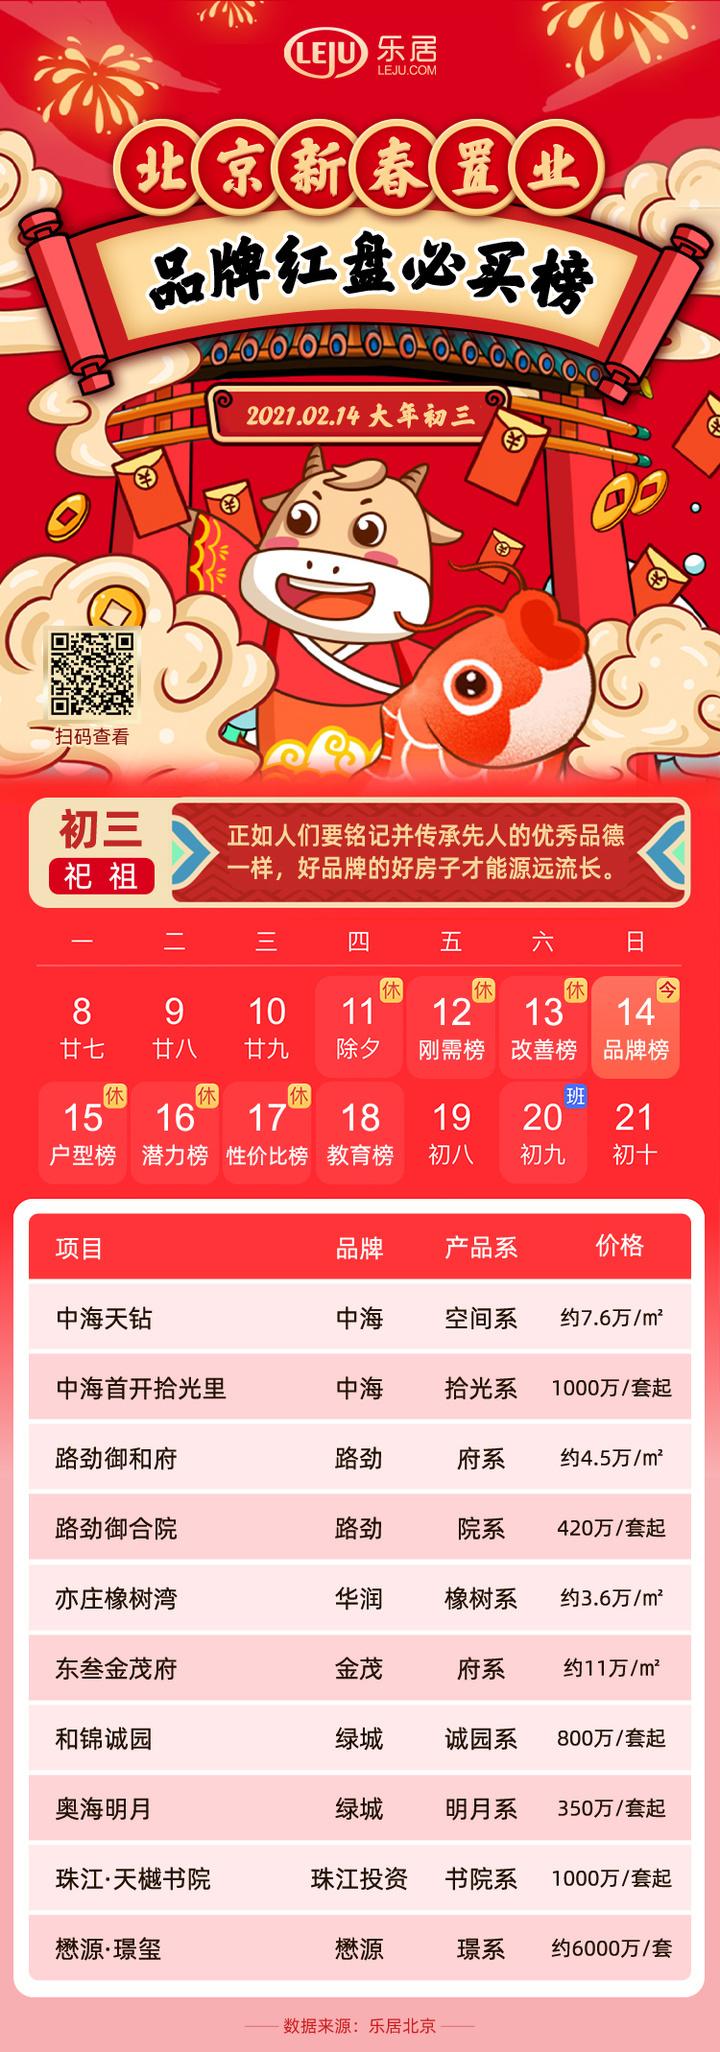 2021北京新春置业品牌榜:中海 路劲 华润 金茂…名企好房不容错过